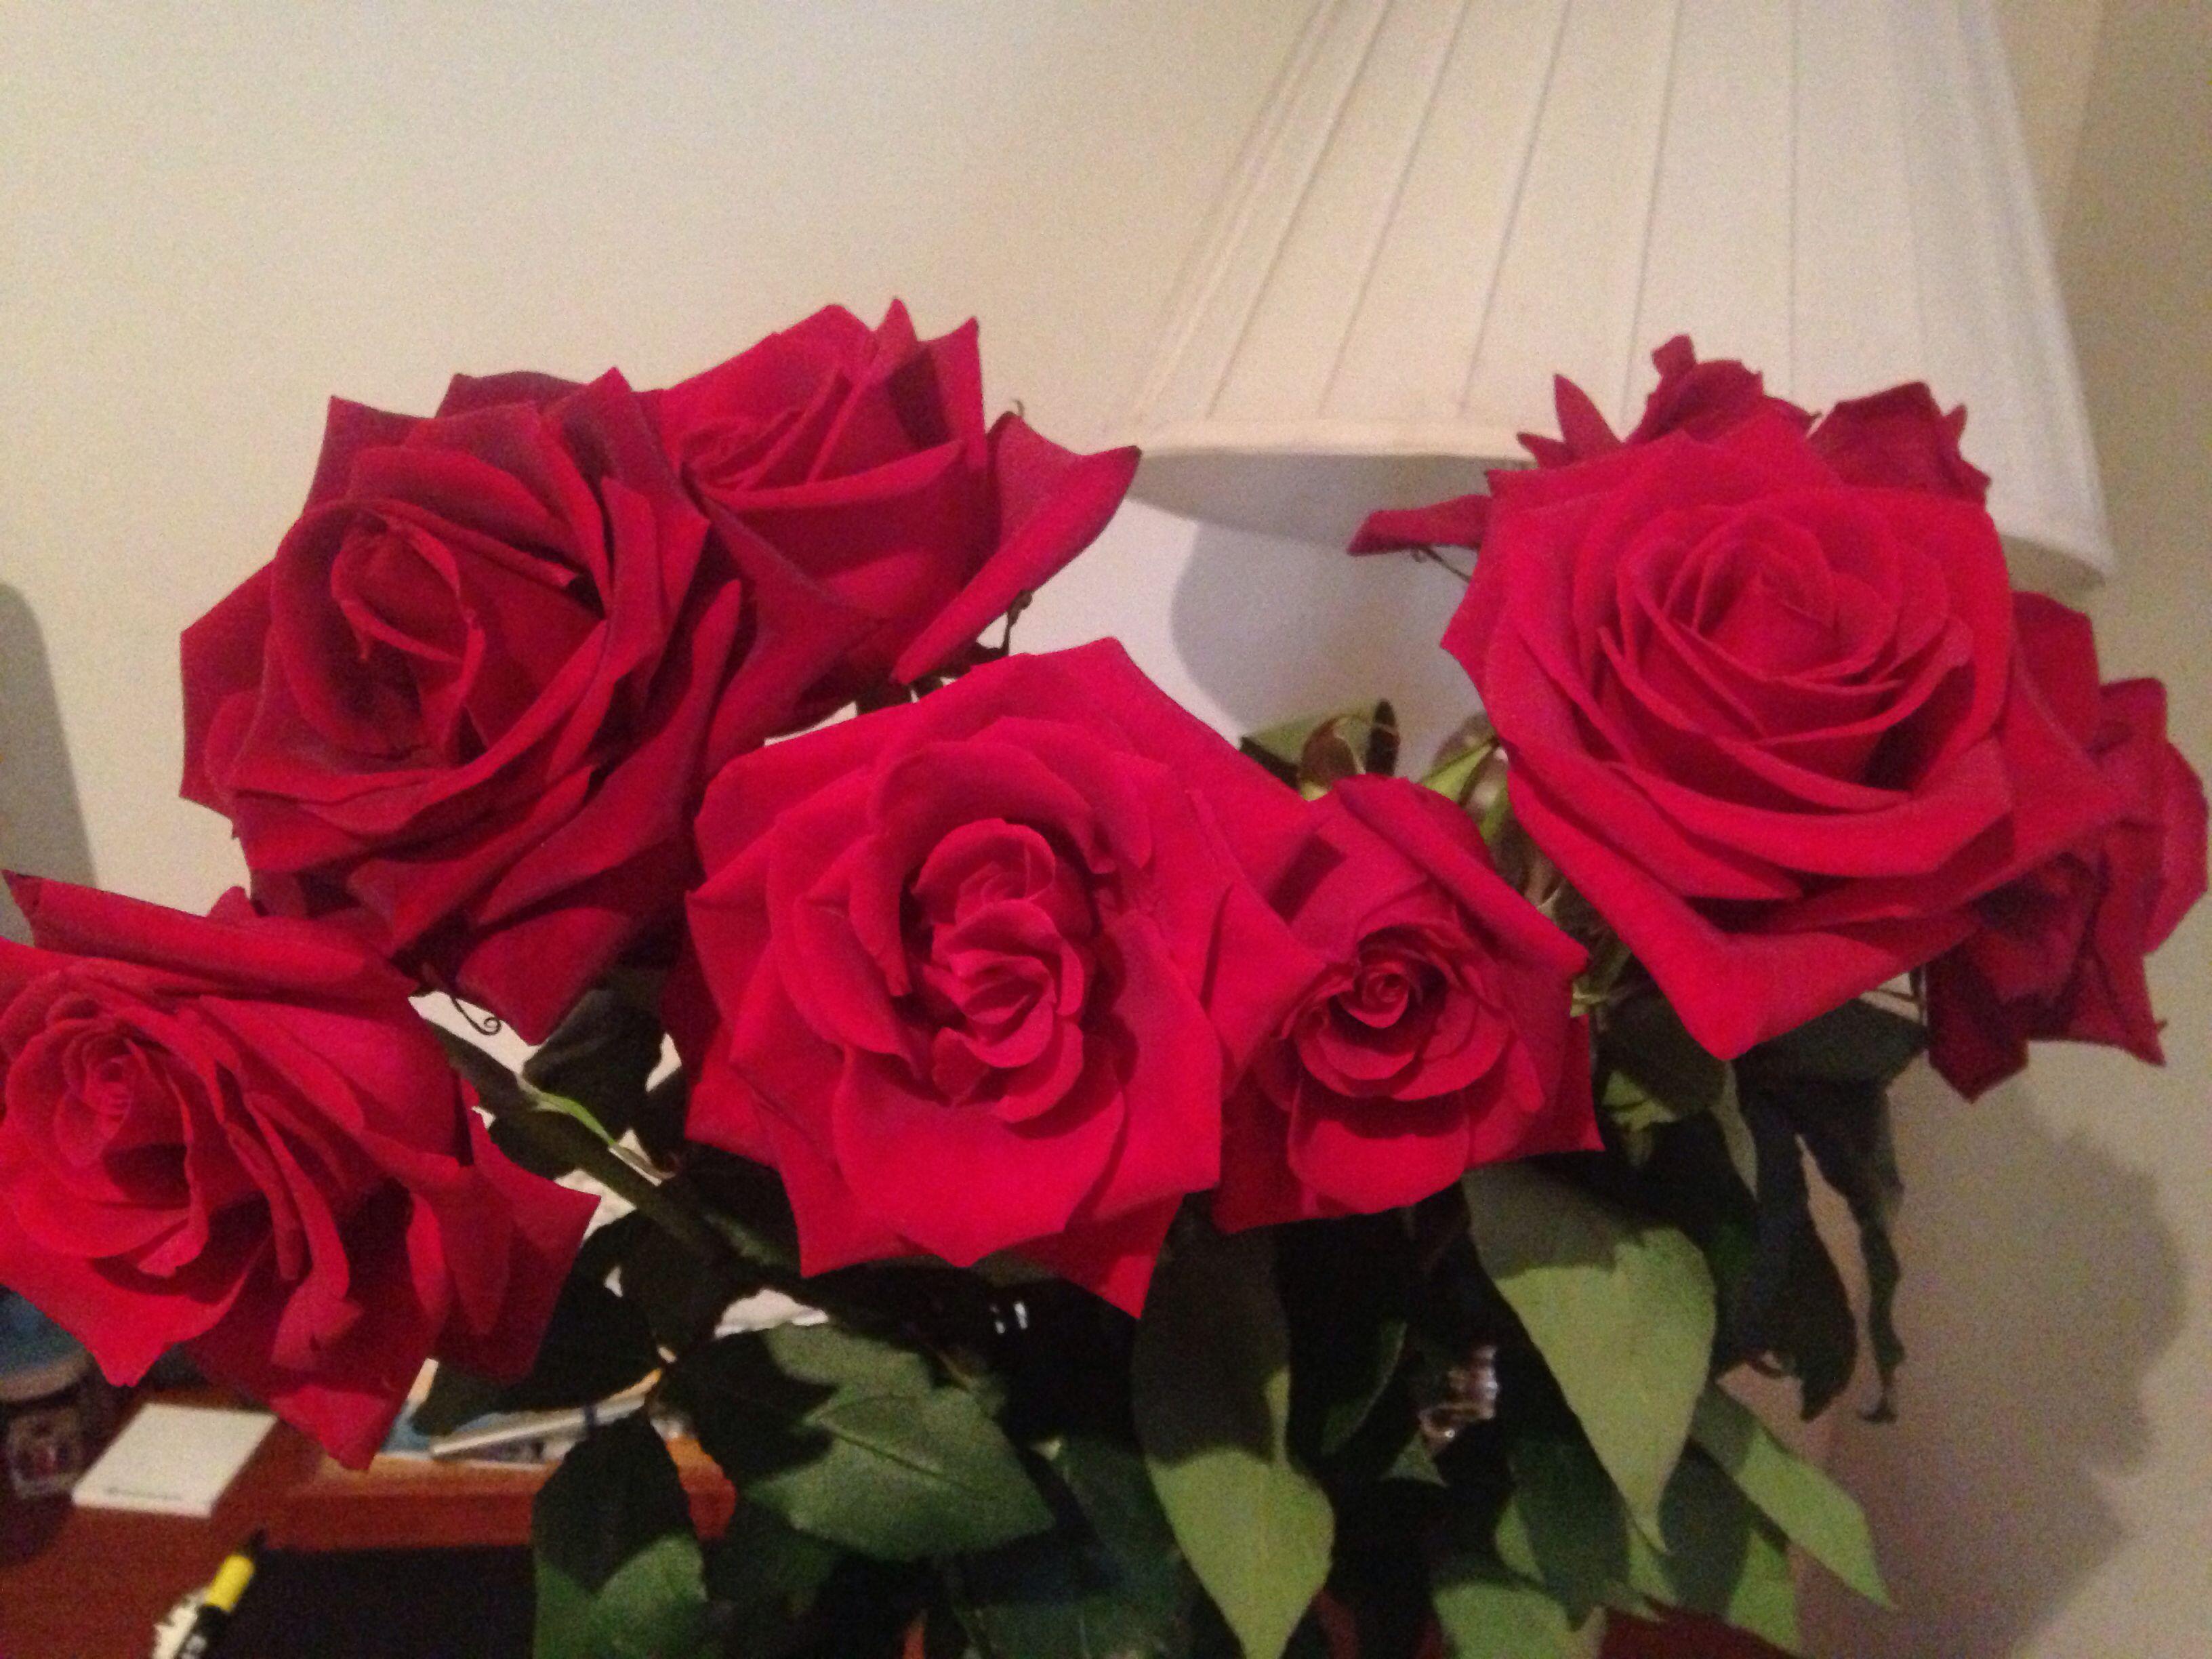 Las flores más hermosas son las que son recibidas con el alma